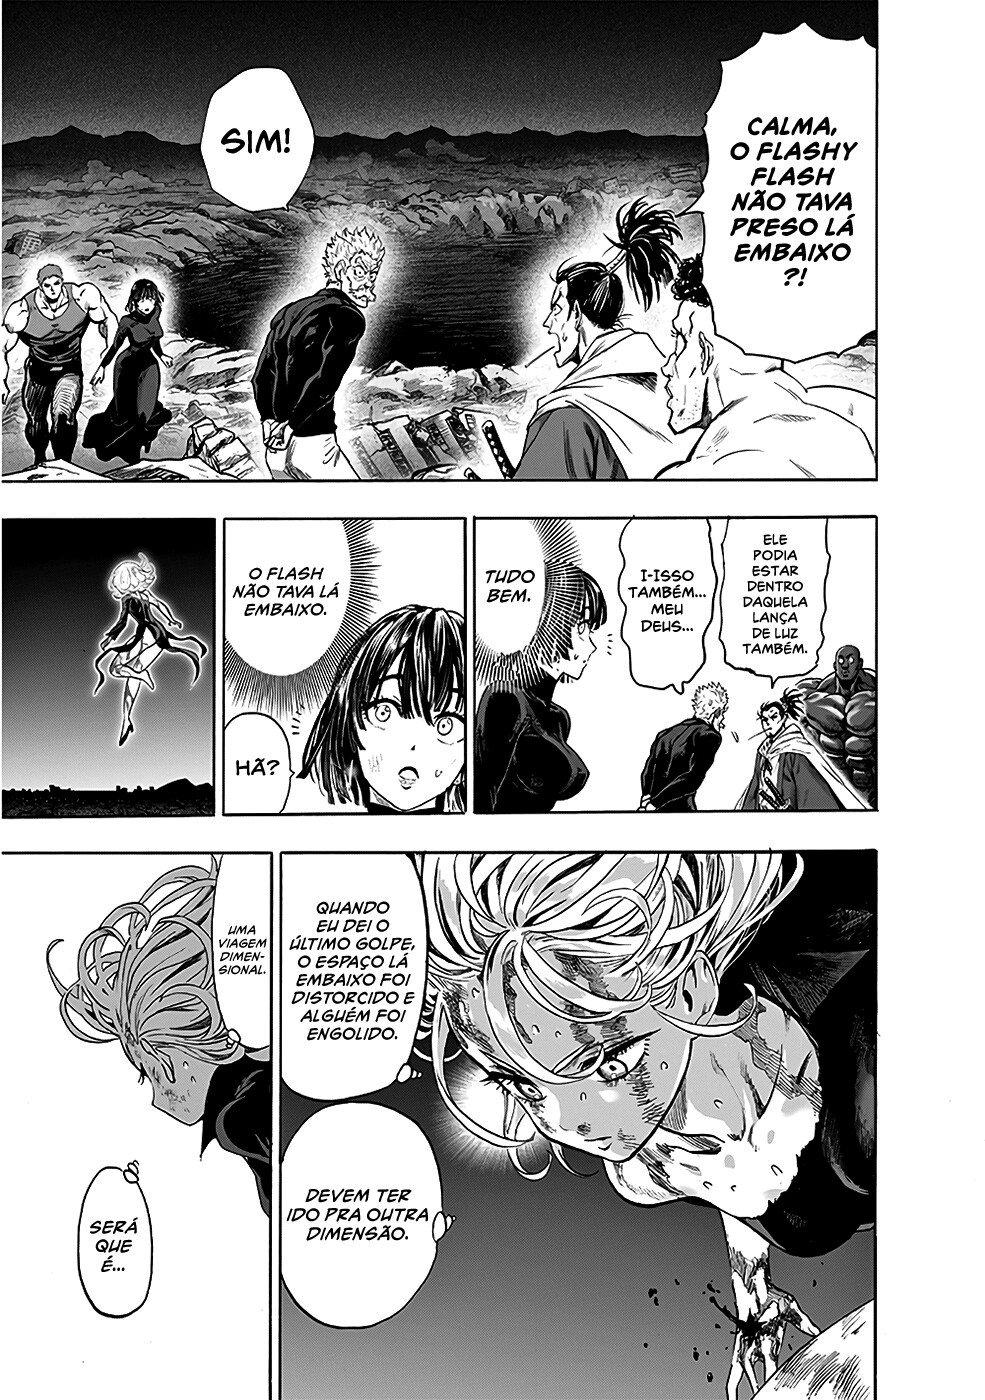 Quem no universo de Naruto seria capaz de derrotar Tatsumaki? - Página 5 1311